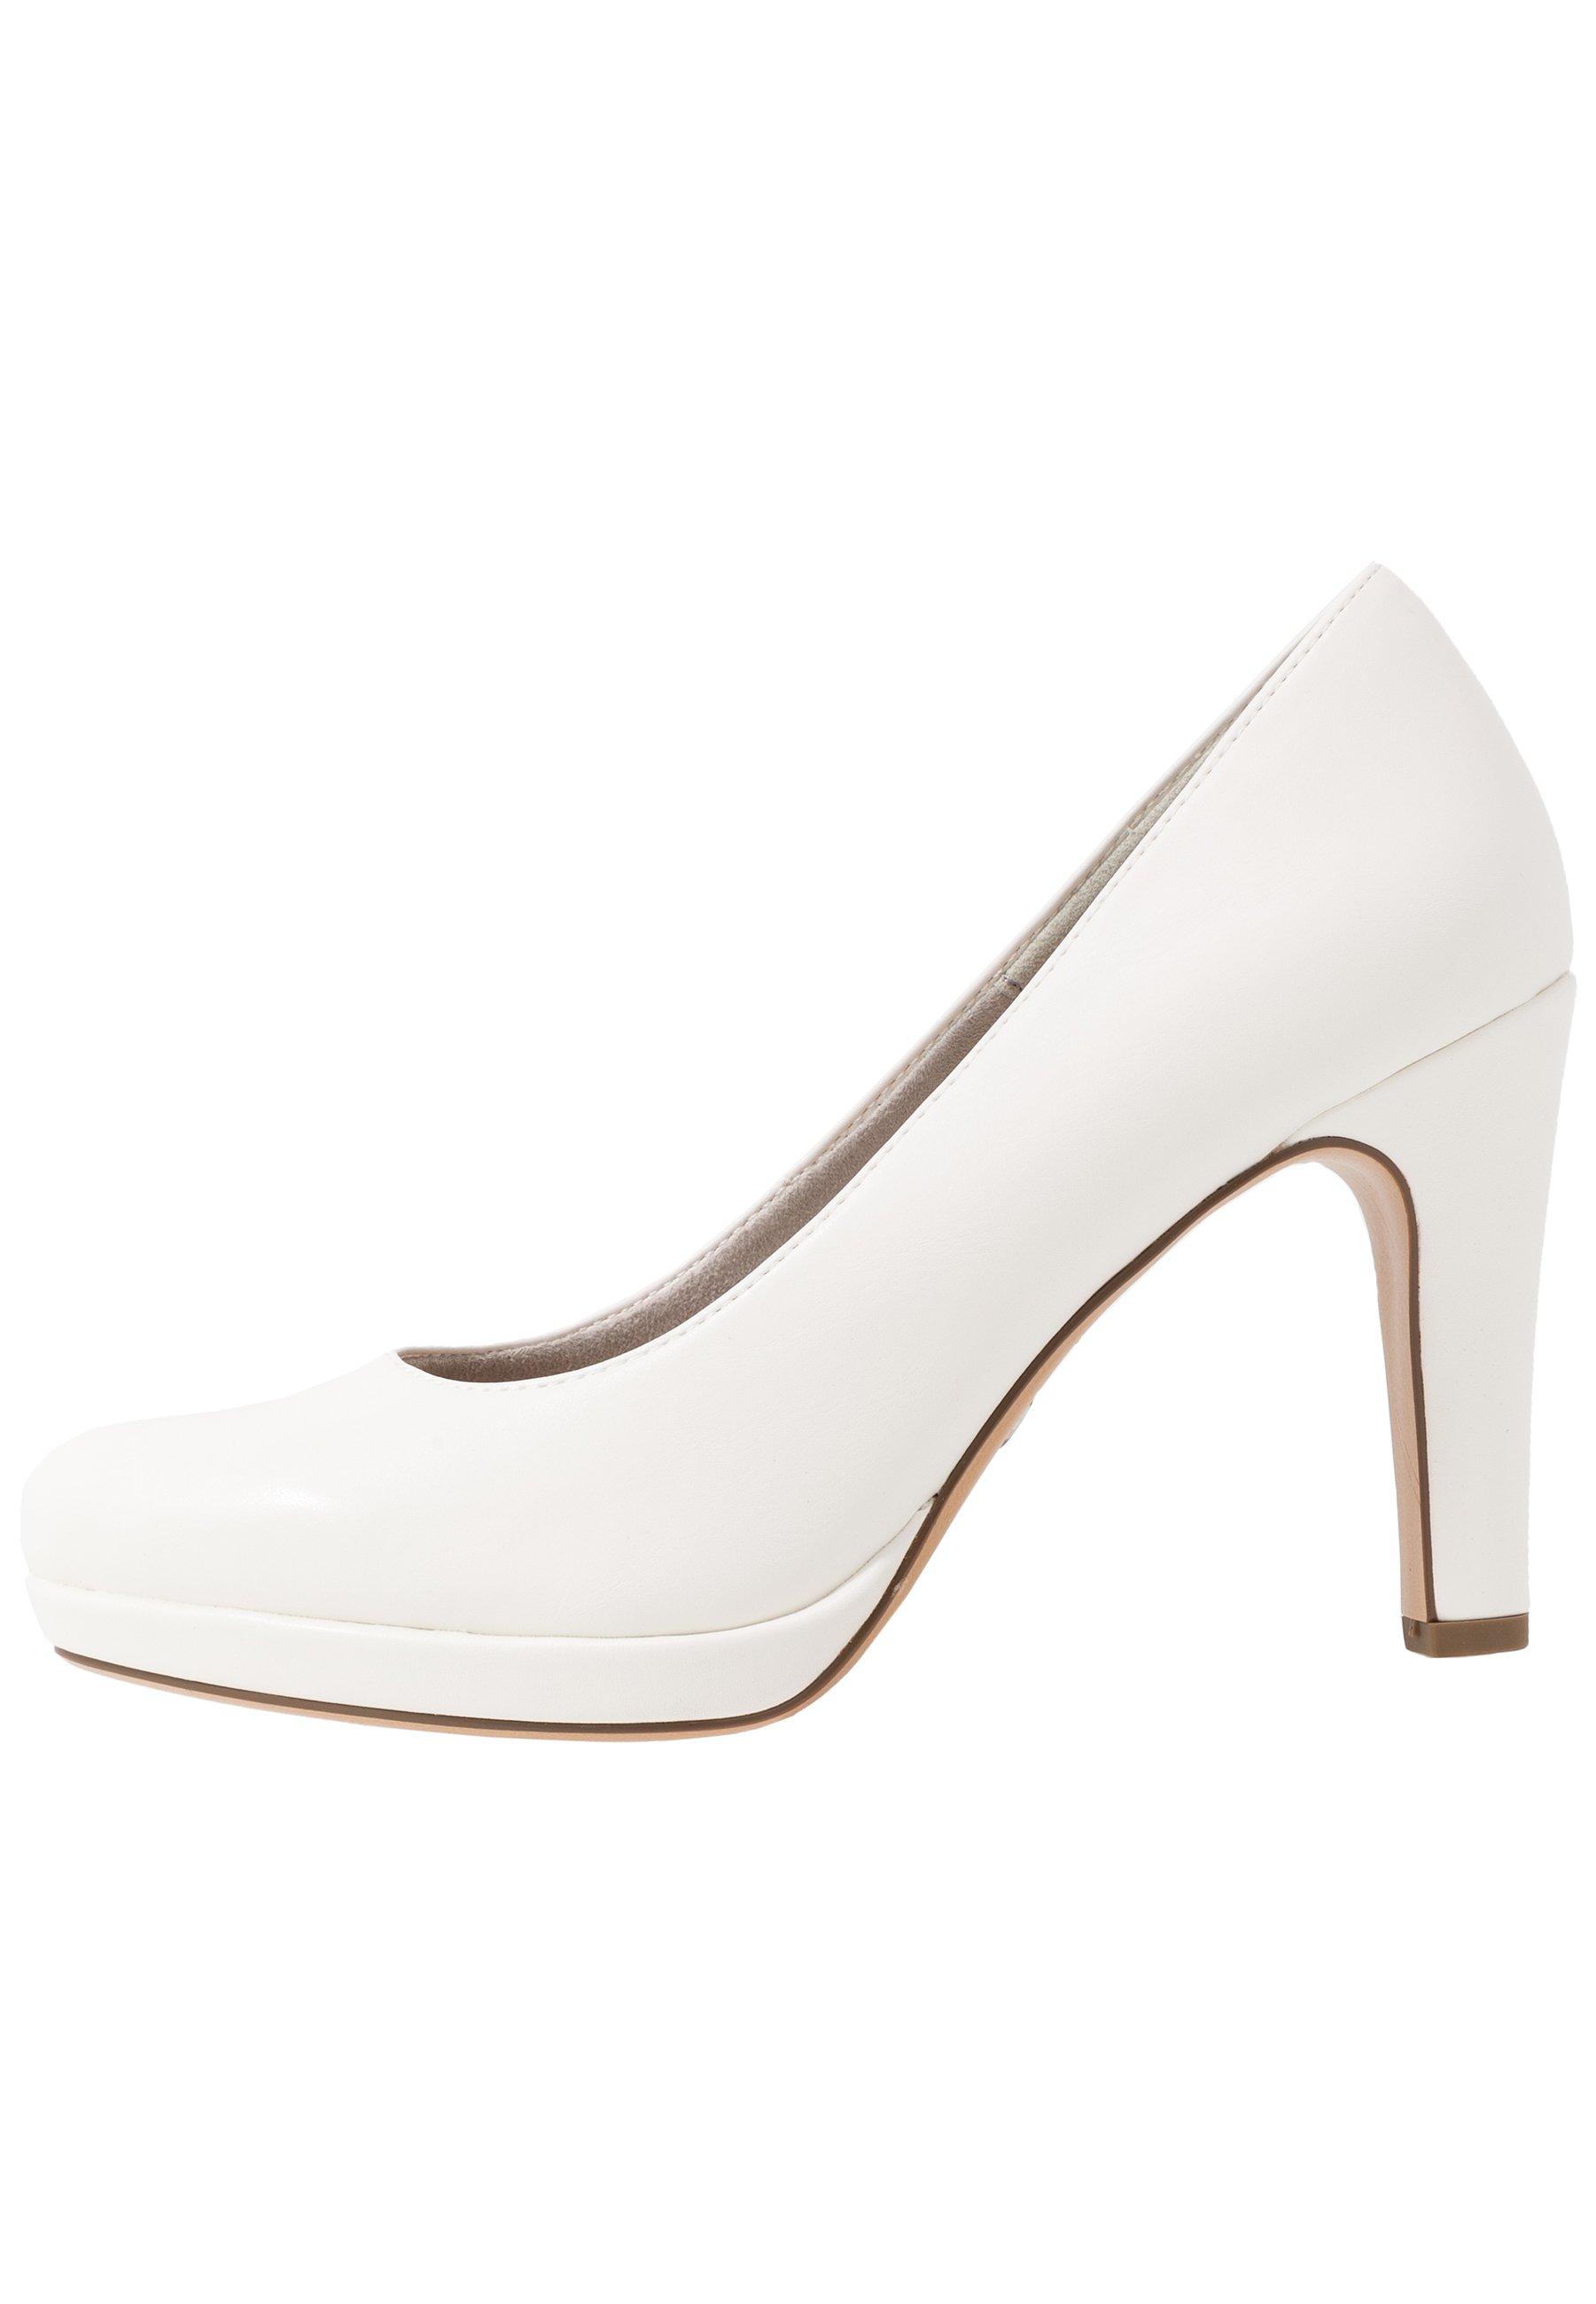 High Heel Pumps white matt